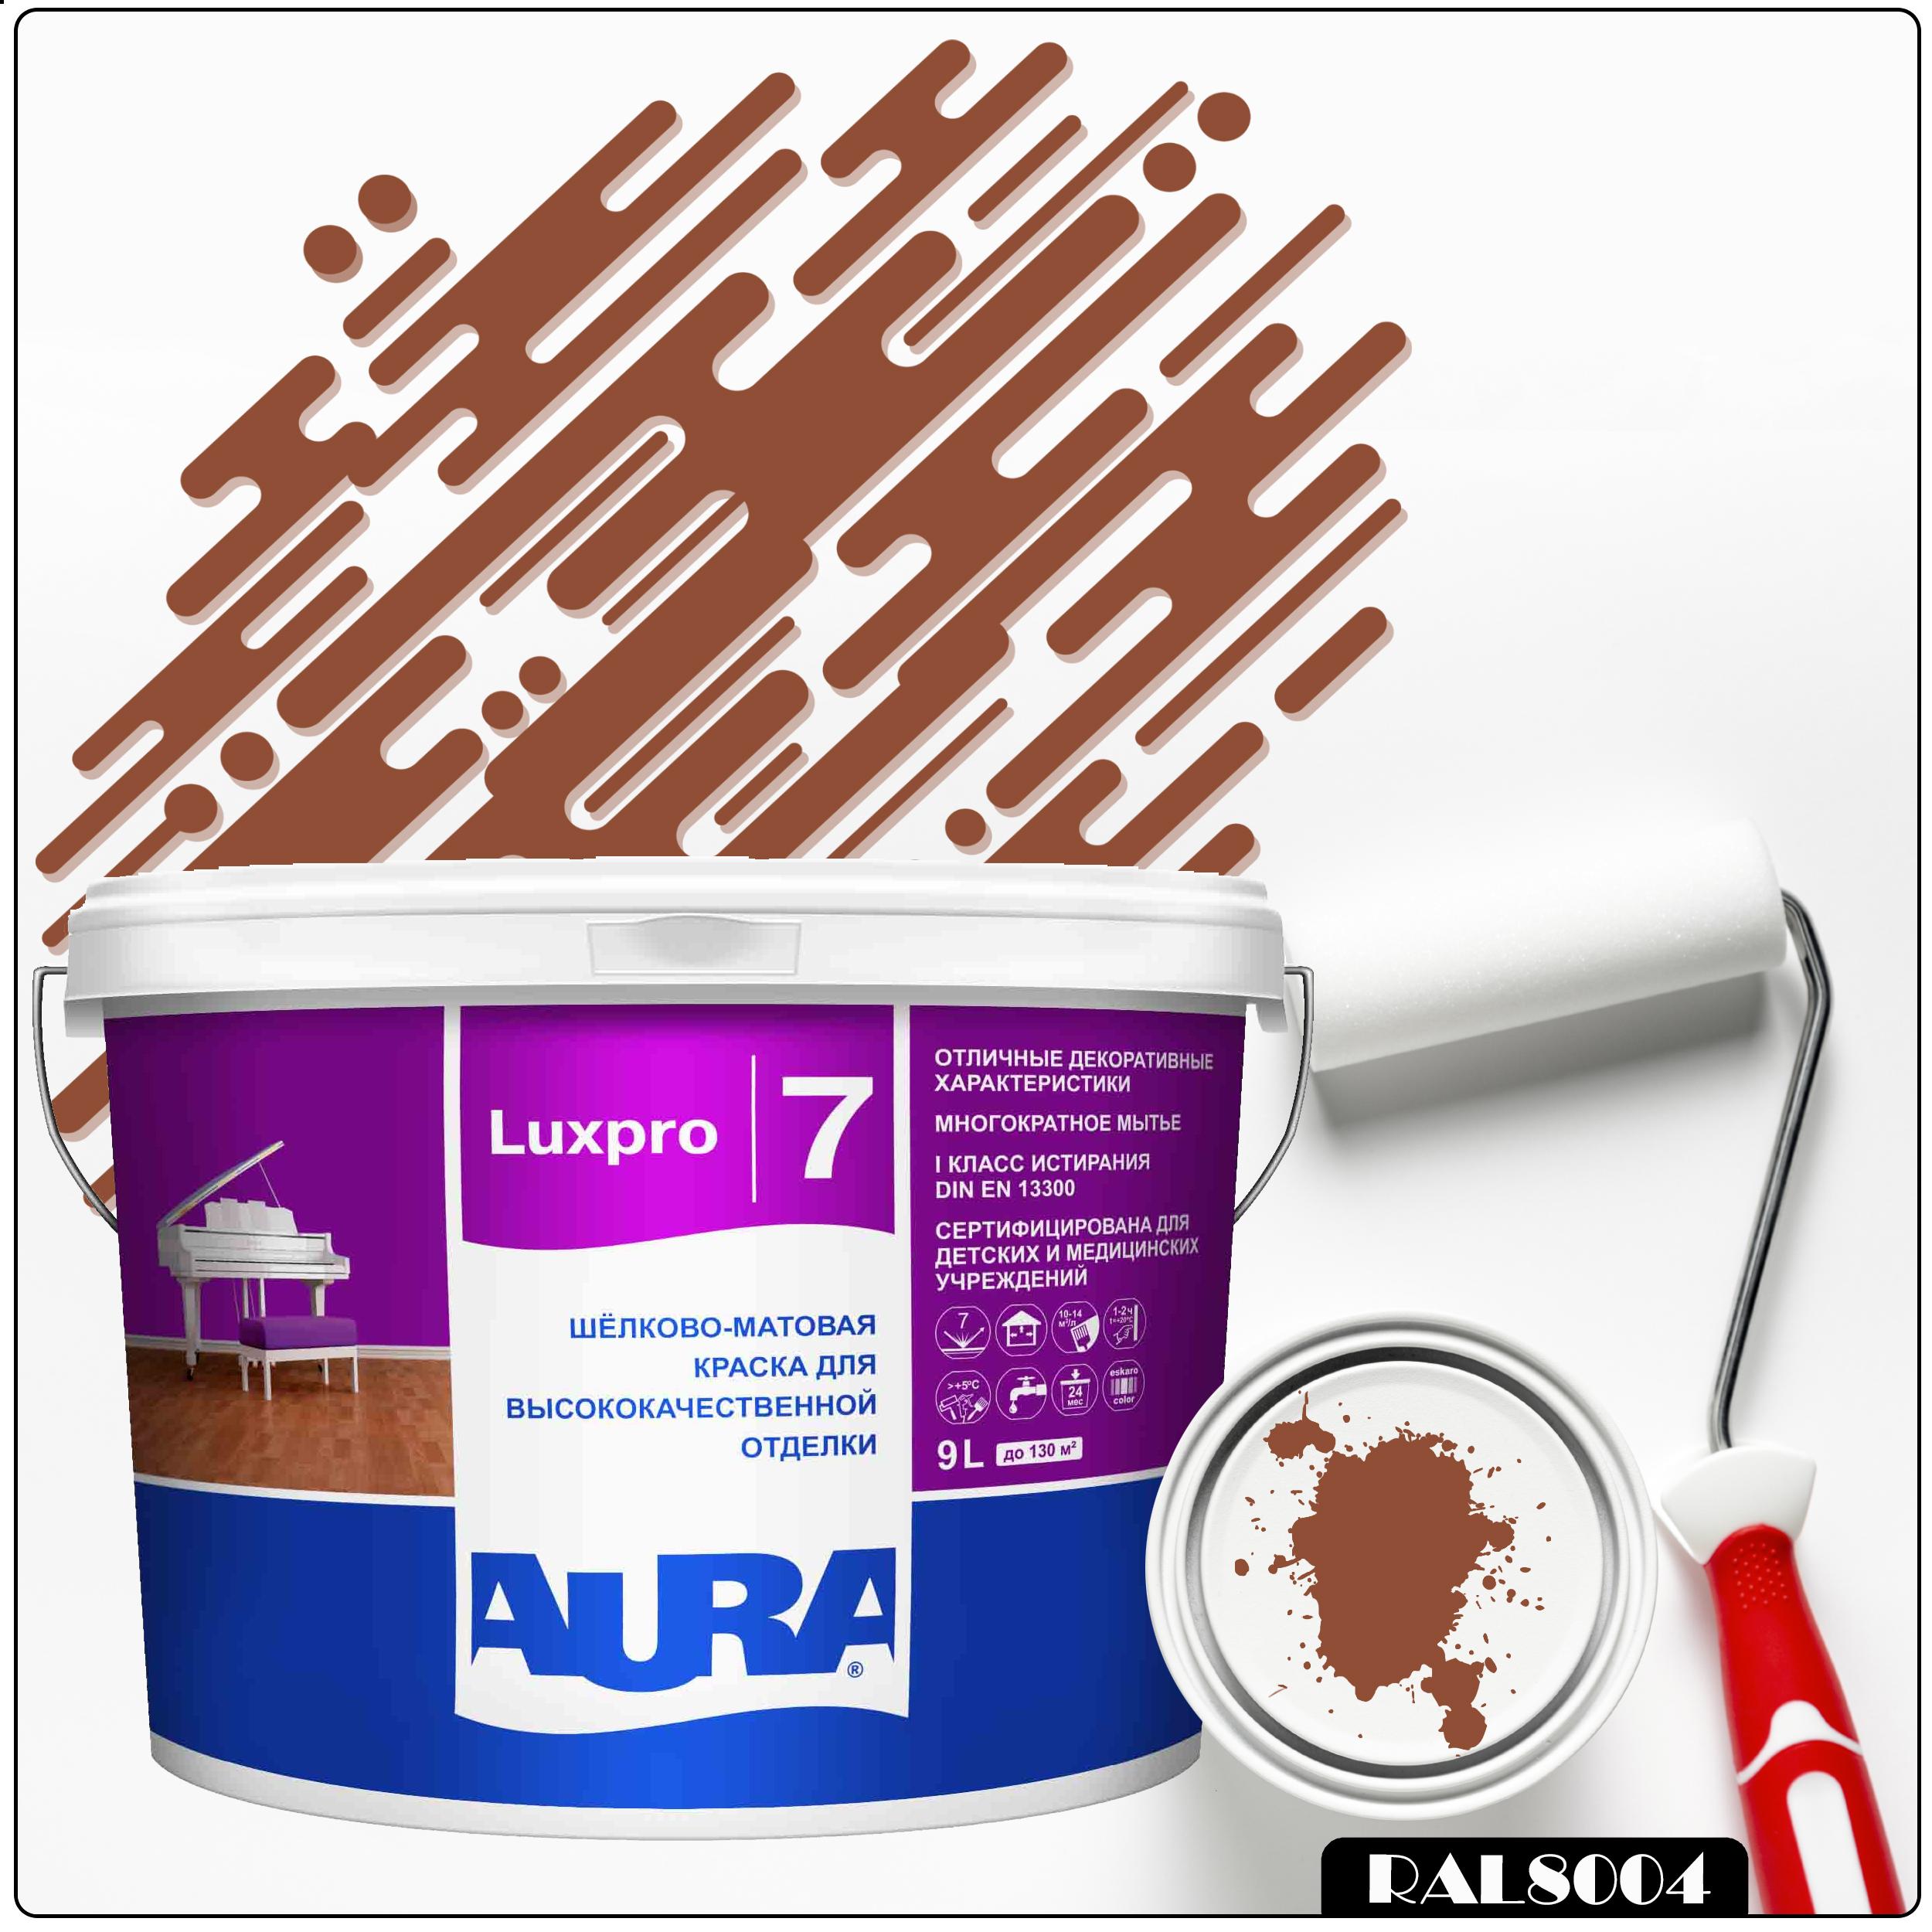 Фото 5 - Краска Aura LuxPRO 7, RAL 8004 Медно-коричневый, латексная, шелково-матовая, интерьерная, 9л, Аура.